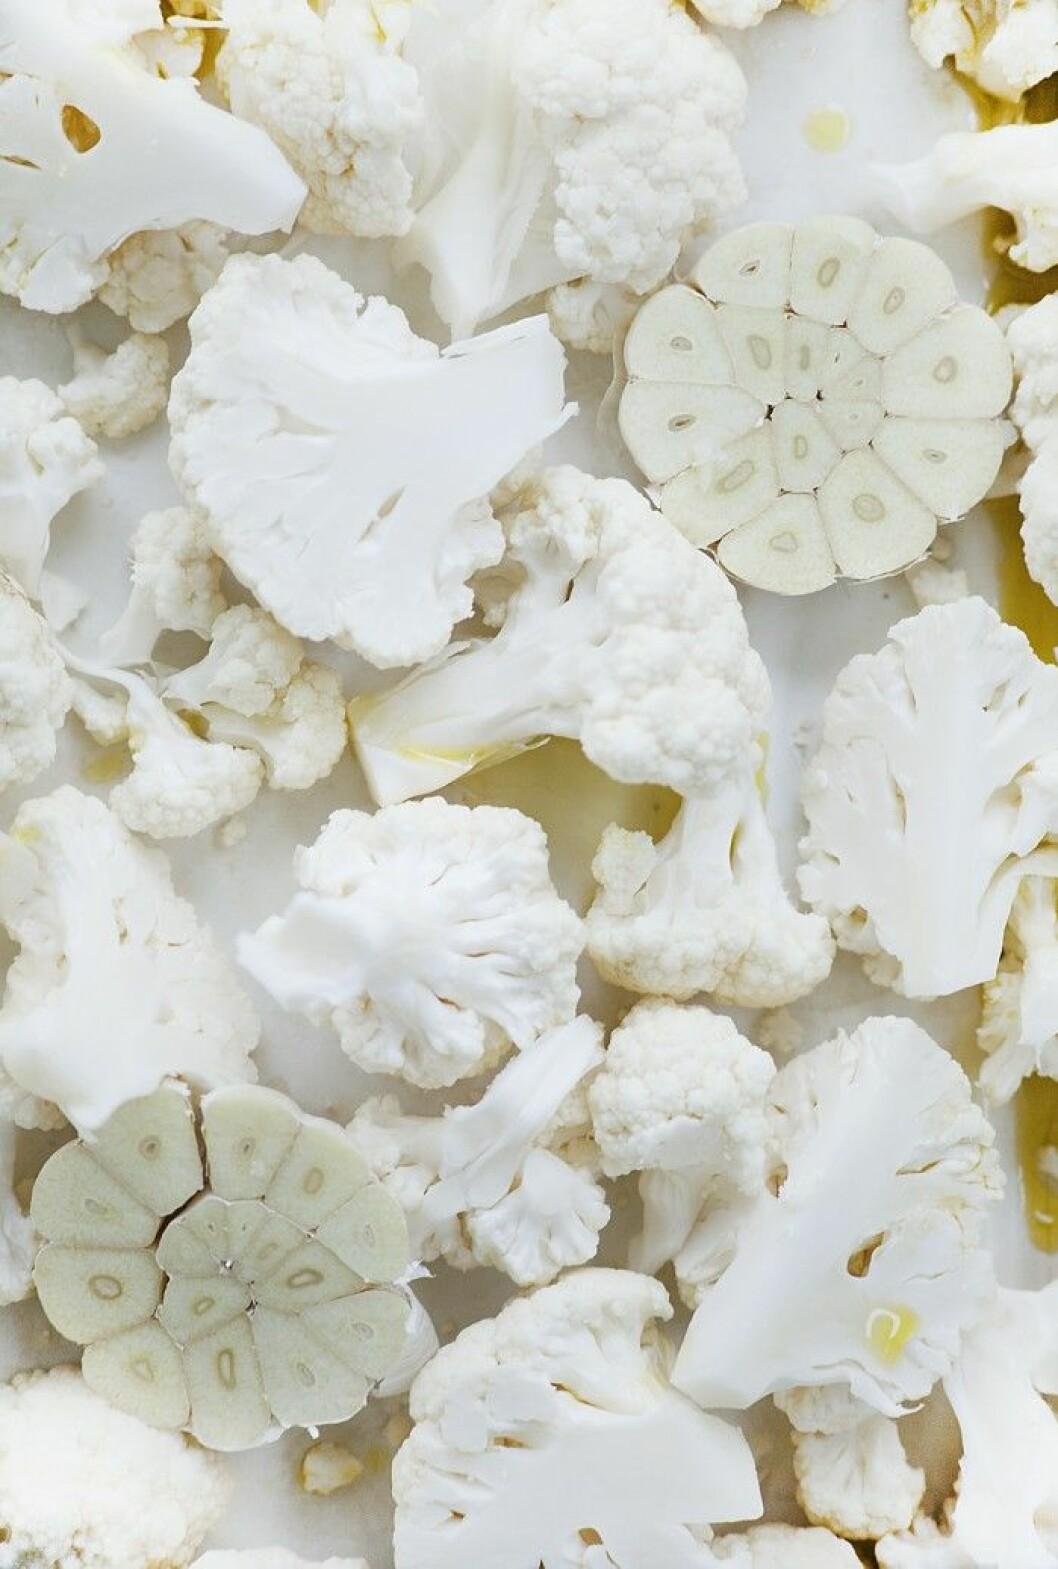 Blomkål. Här hittar du receptet på en smarrig blomkålsröra – perfekt nyttigt snacks.